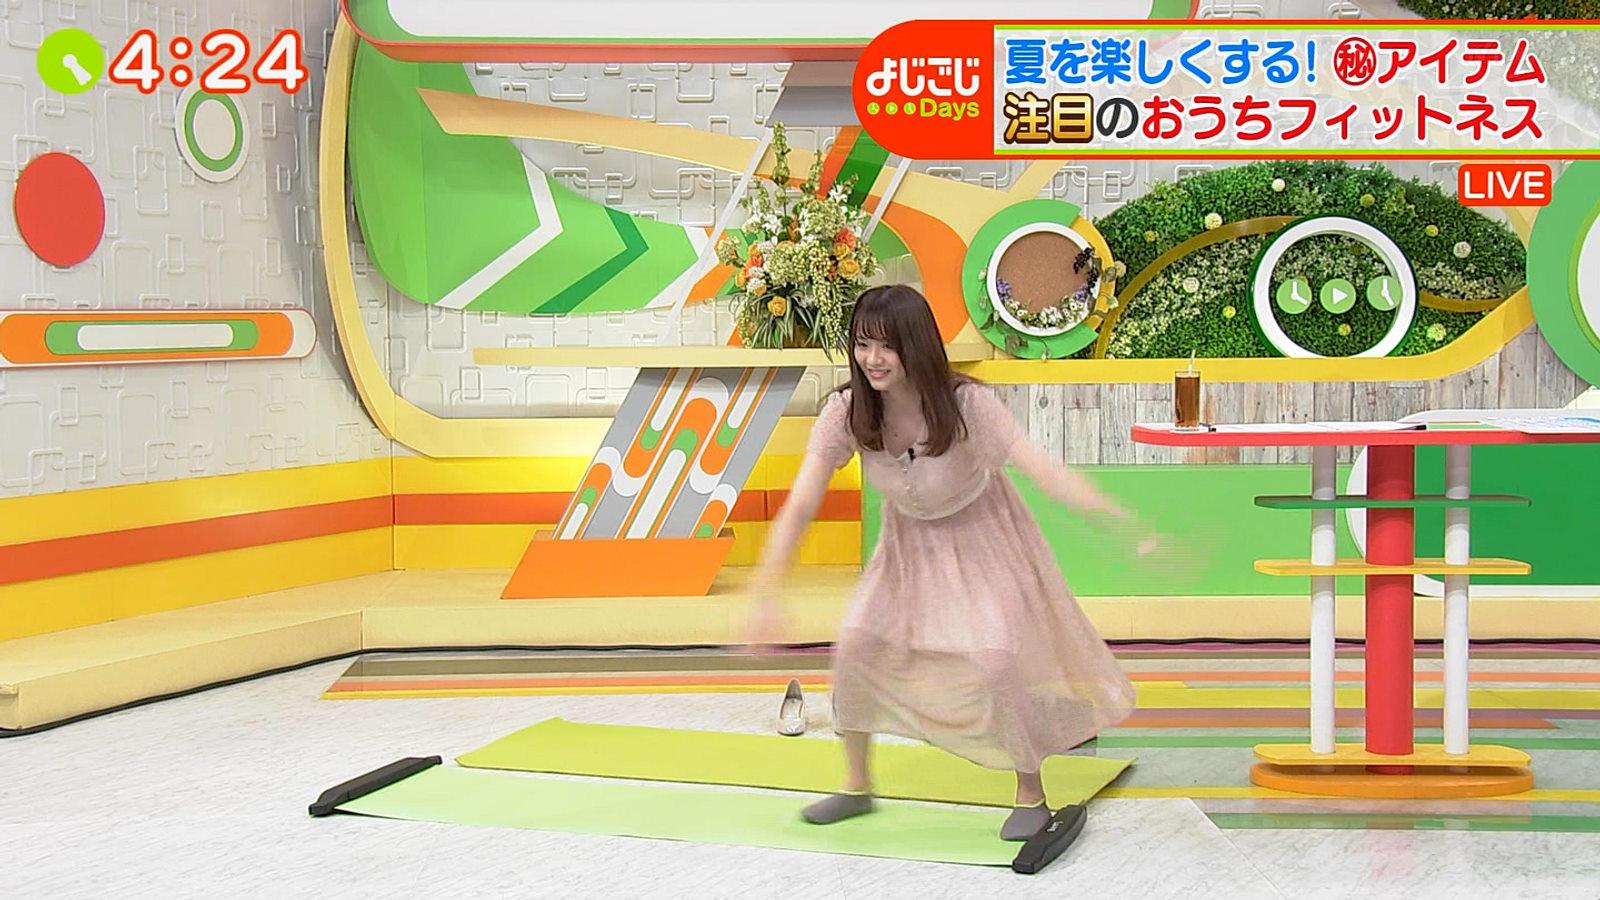 森香澄_女子アナ_おっぱい_乳揺れ_よじごじDAYS_46